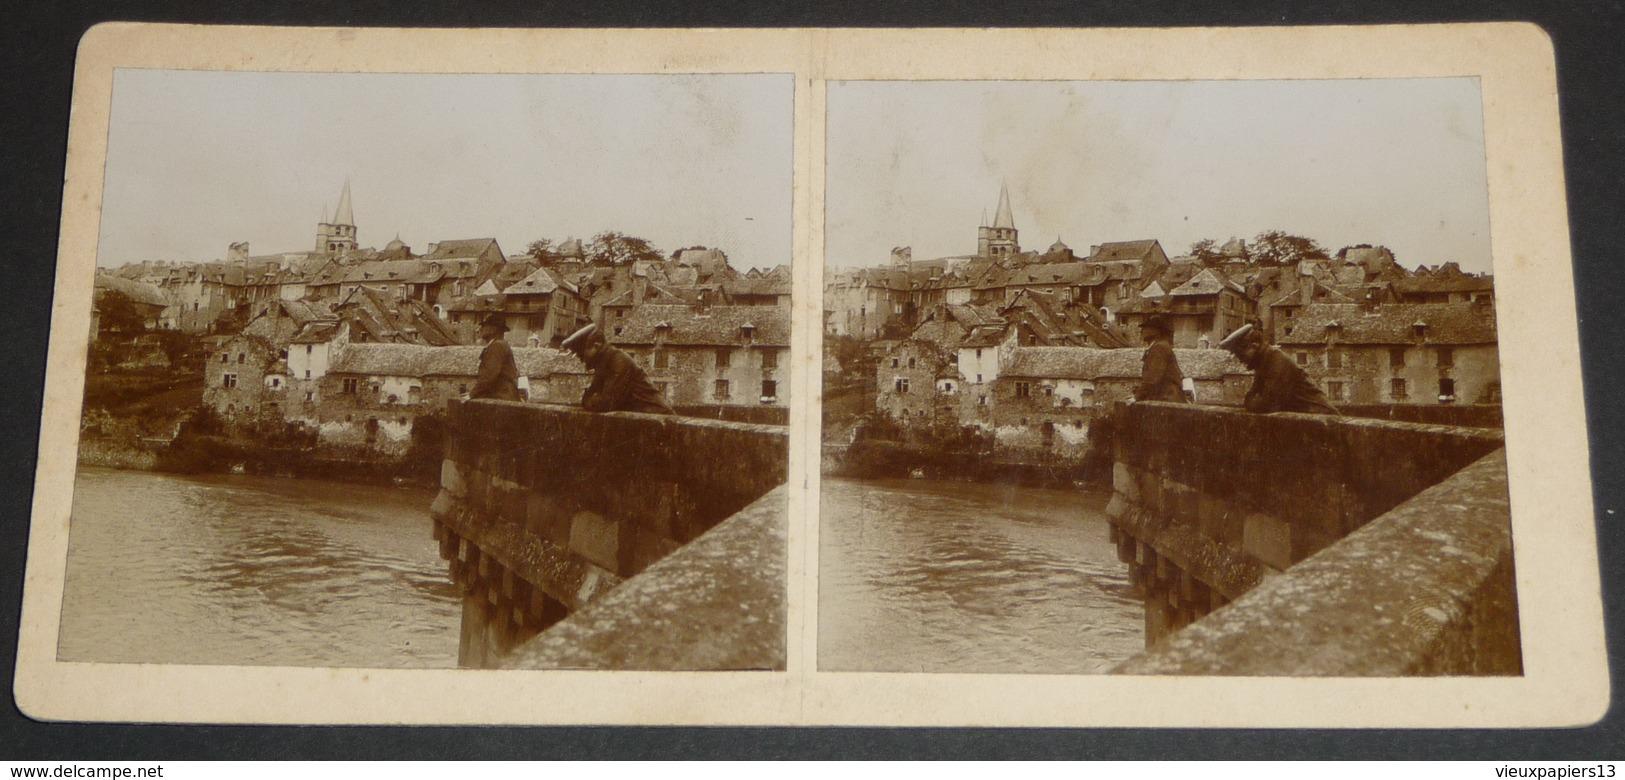 Photo Stereo XIXe Aveyron (12) Saint Come D'Olt Vue Prise Du Pont - Personnages - Photographie Stéréoscopique Sur Carton - Photos Stéréoscopiques